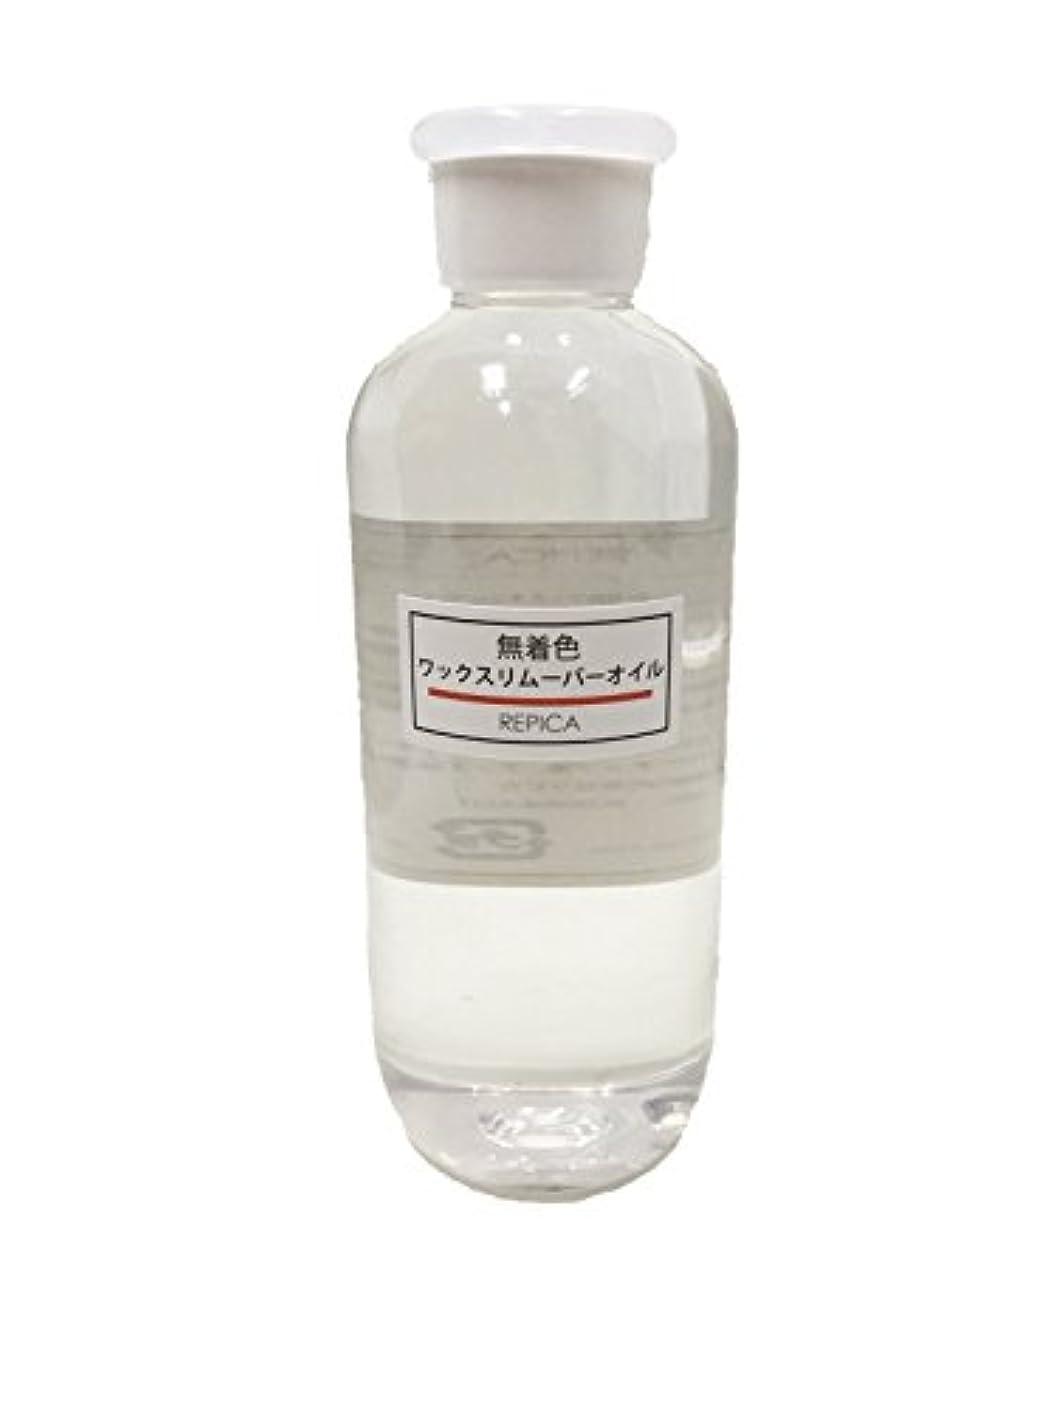 気分が良い炭水化物いつも無着色ワックスリムーバーオイル 250ml(300-4) (ワックス脱毛 ブラジリアンワックス) 業務用 自宅用 ワックスオイル